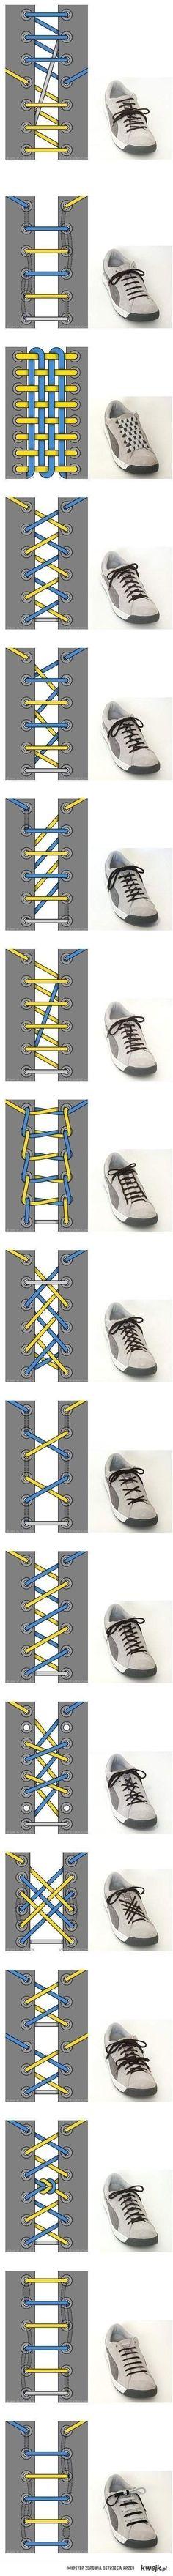 17 sposobów wiązania sznurówek